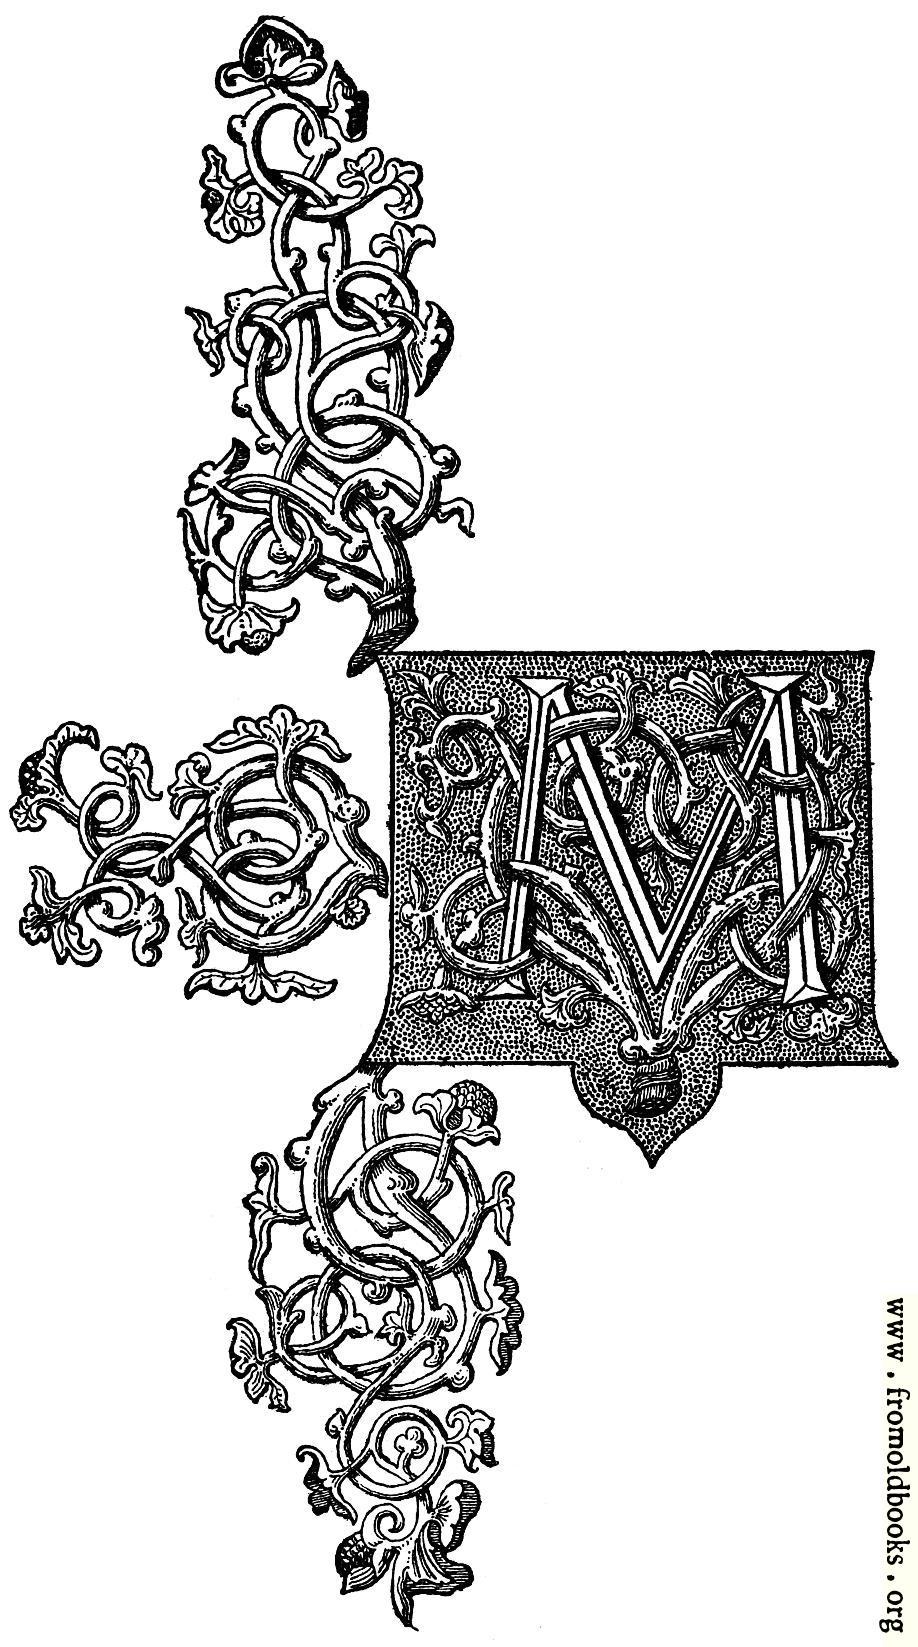 [Picture: Ornate rococo baroque capital letter M]